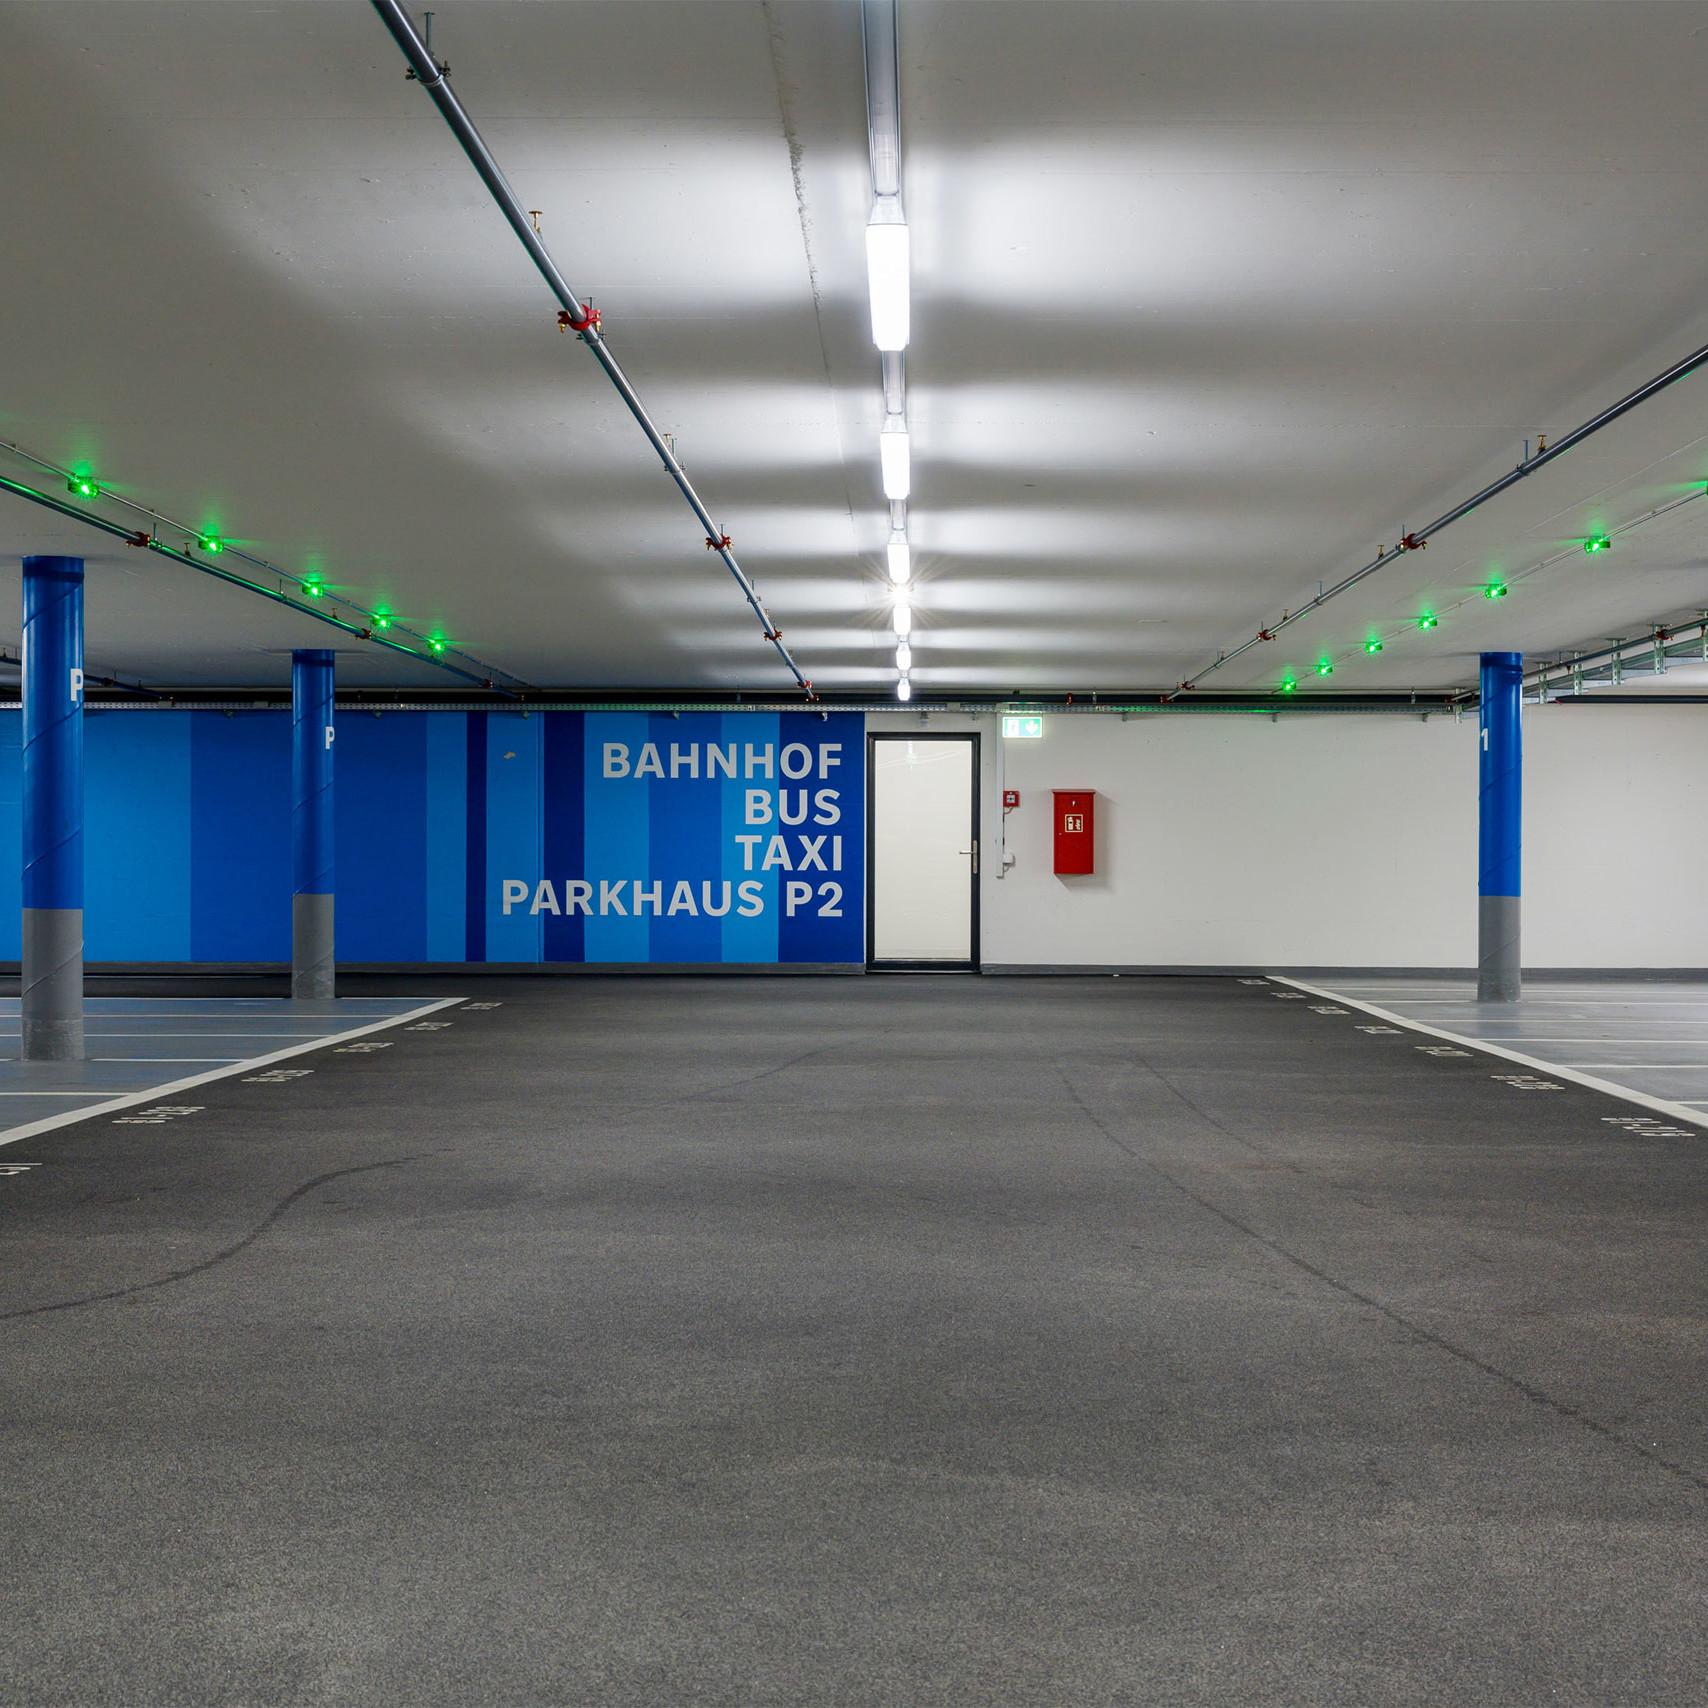 Parkhaus Bahnhof